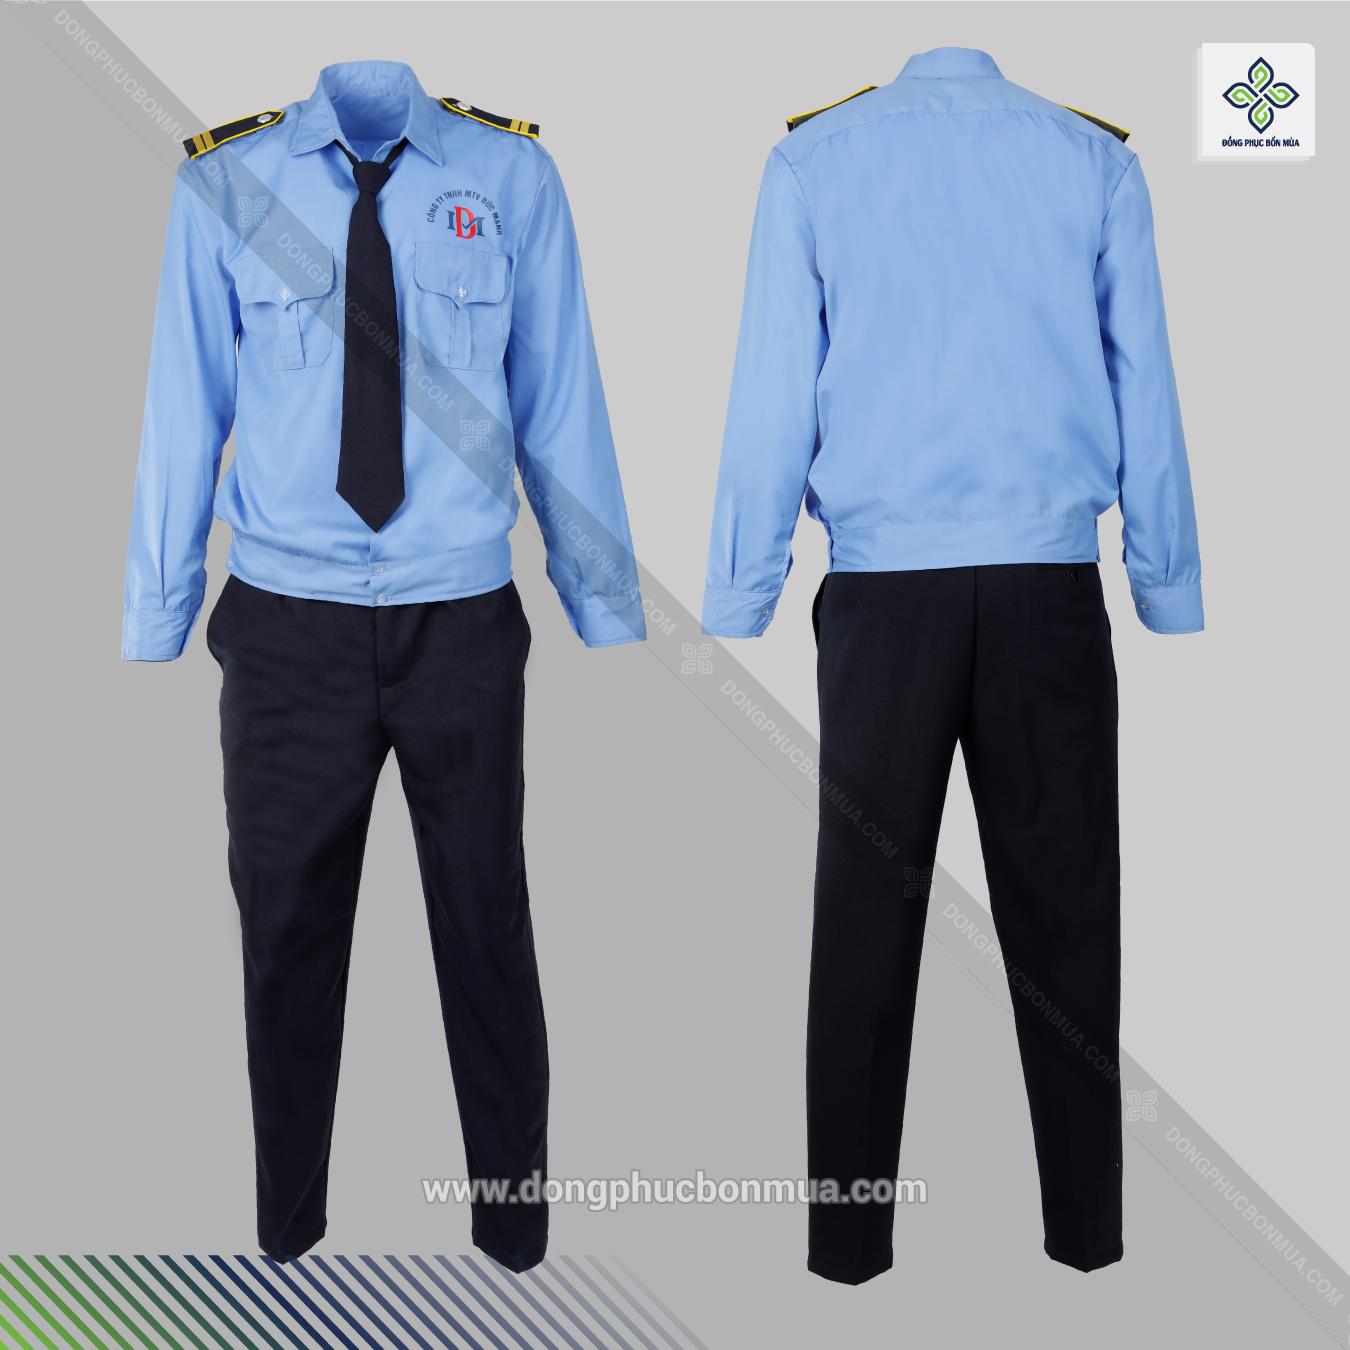 Đồng phục bảo vệ giá rẻ tạo môi trường bình đẳng.